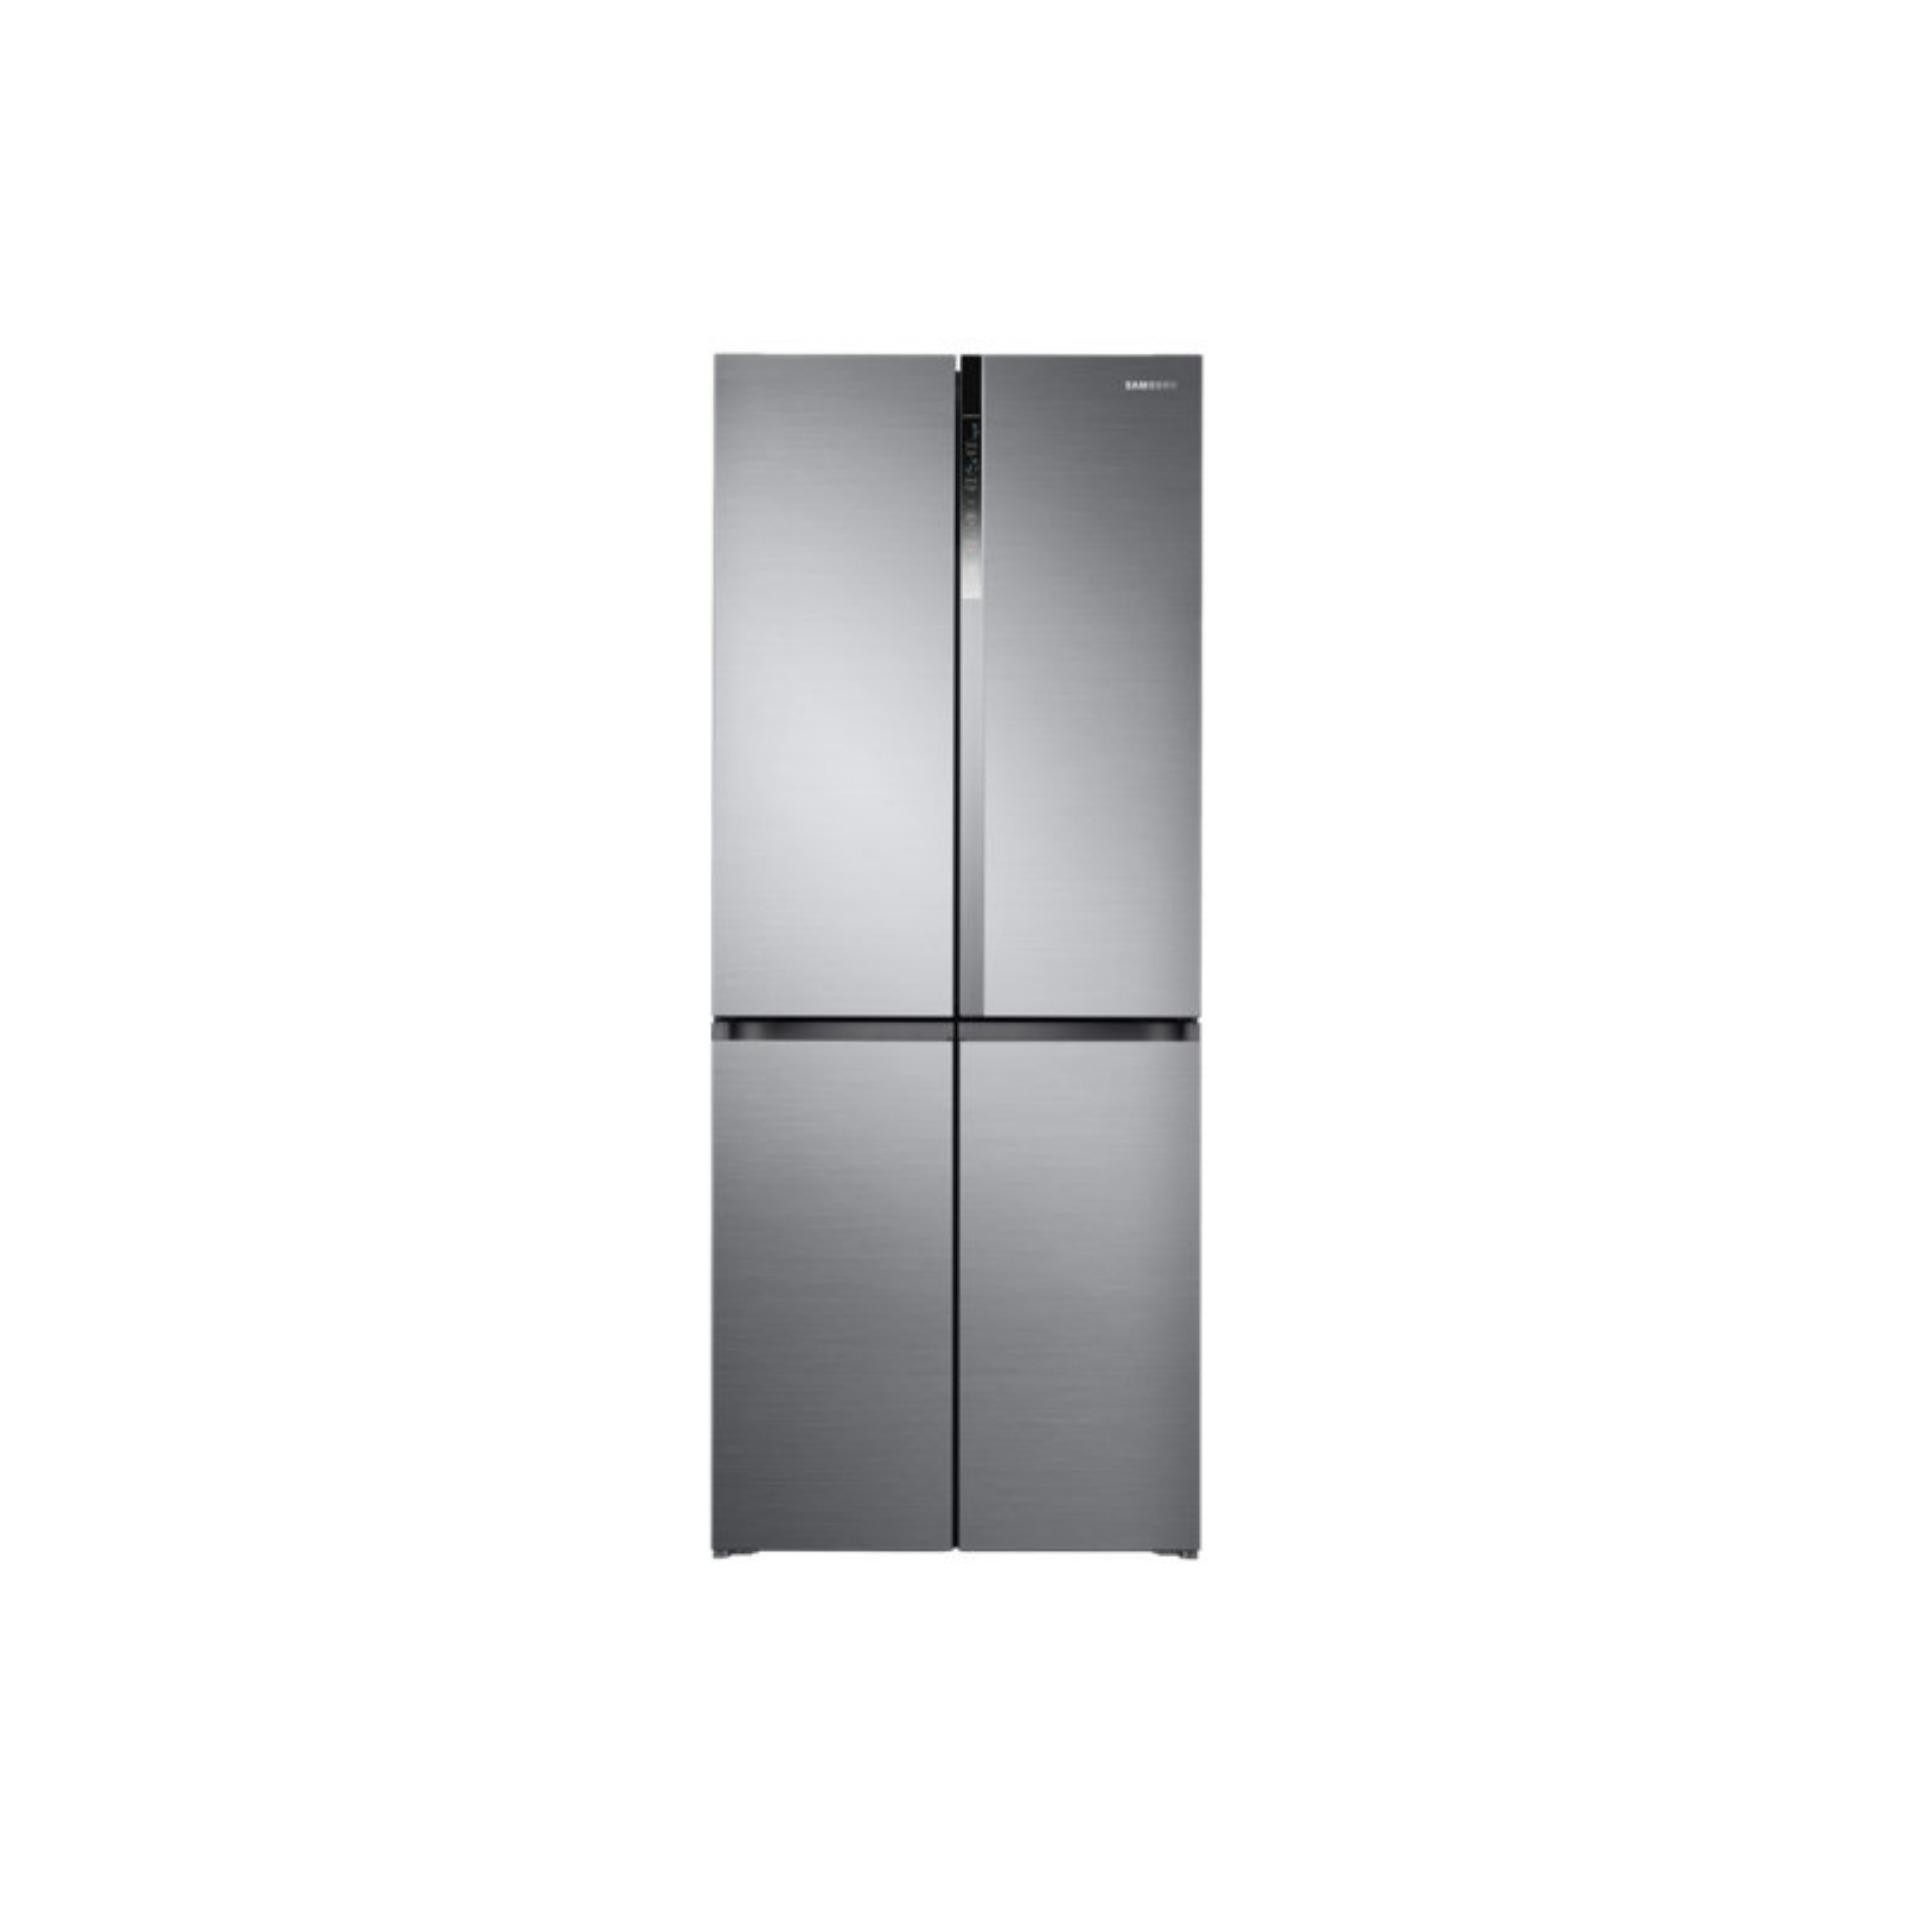 Samsung Kulkas Side by Side RF50K5960S8 French Door dengan Triple Cooling System 486L - Free Microwave ME731